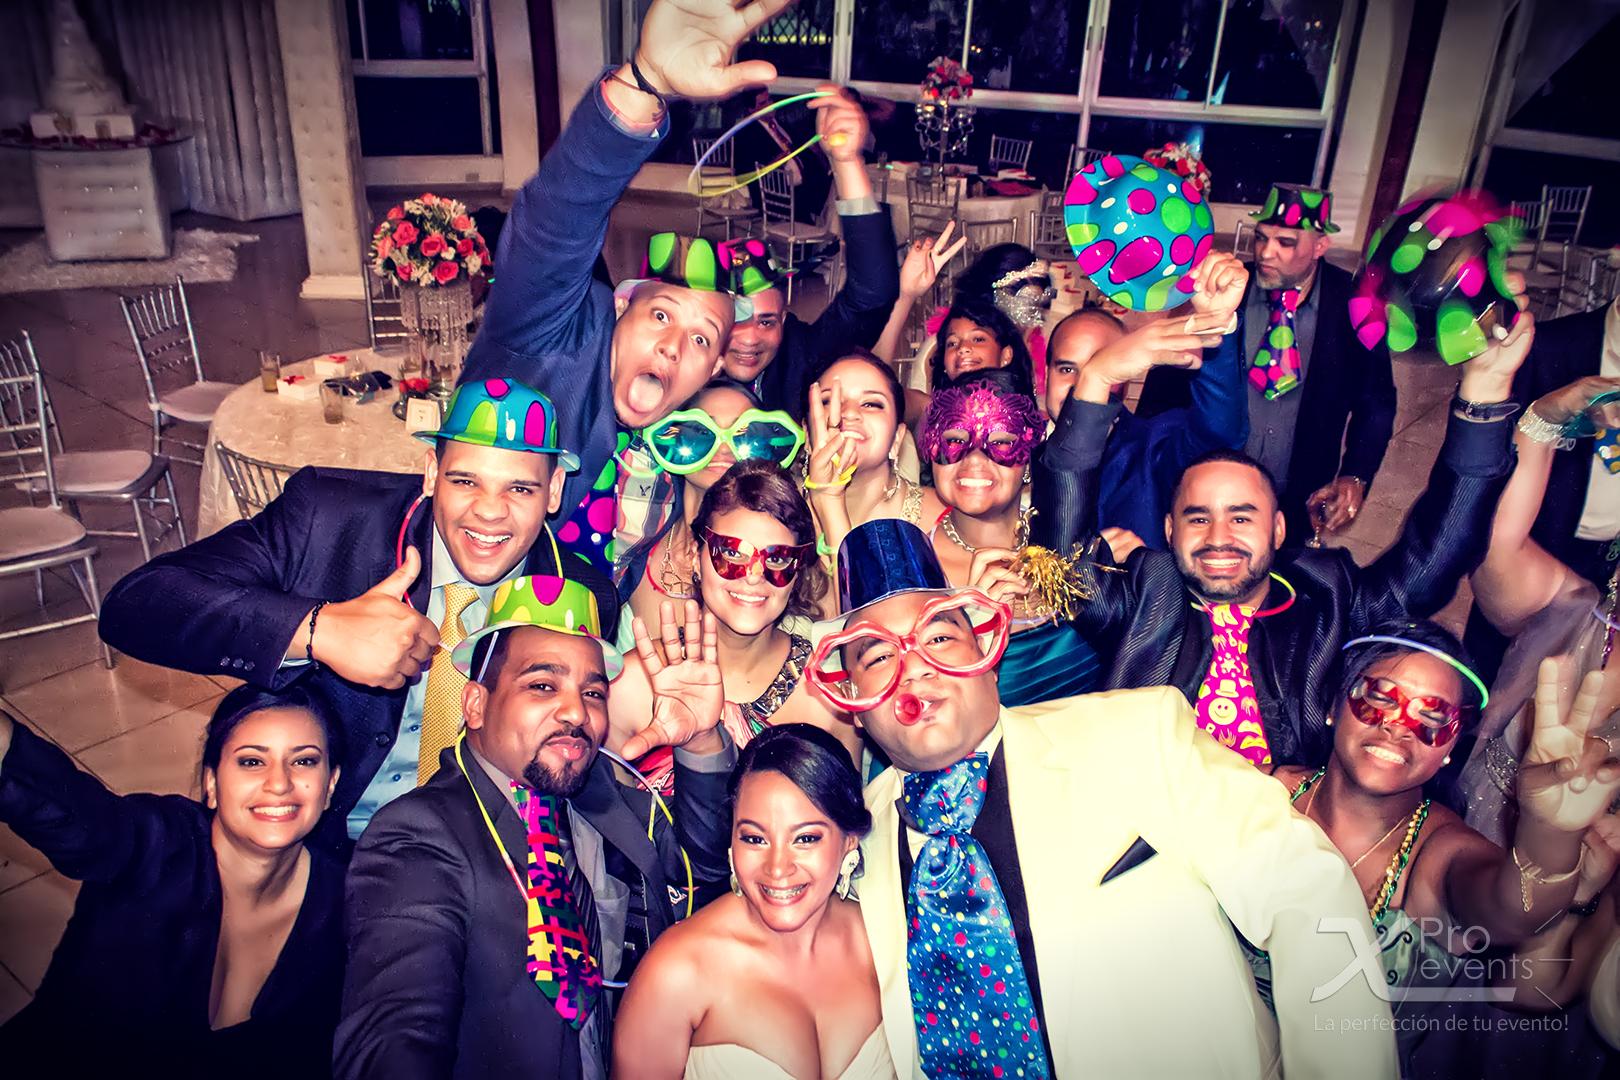 www.Xproevents.com - La perfeccion de tu evento encendiendo la fiesta.jpg